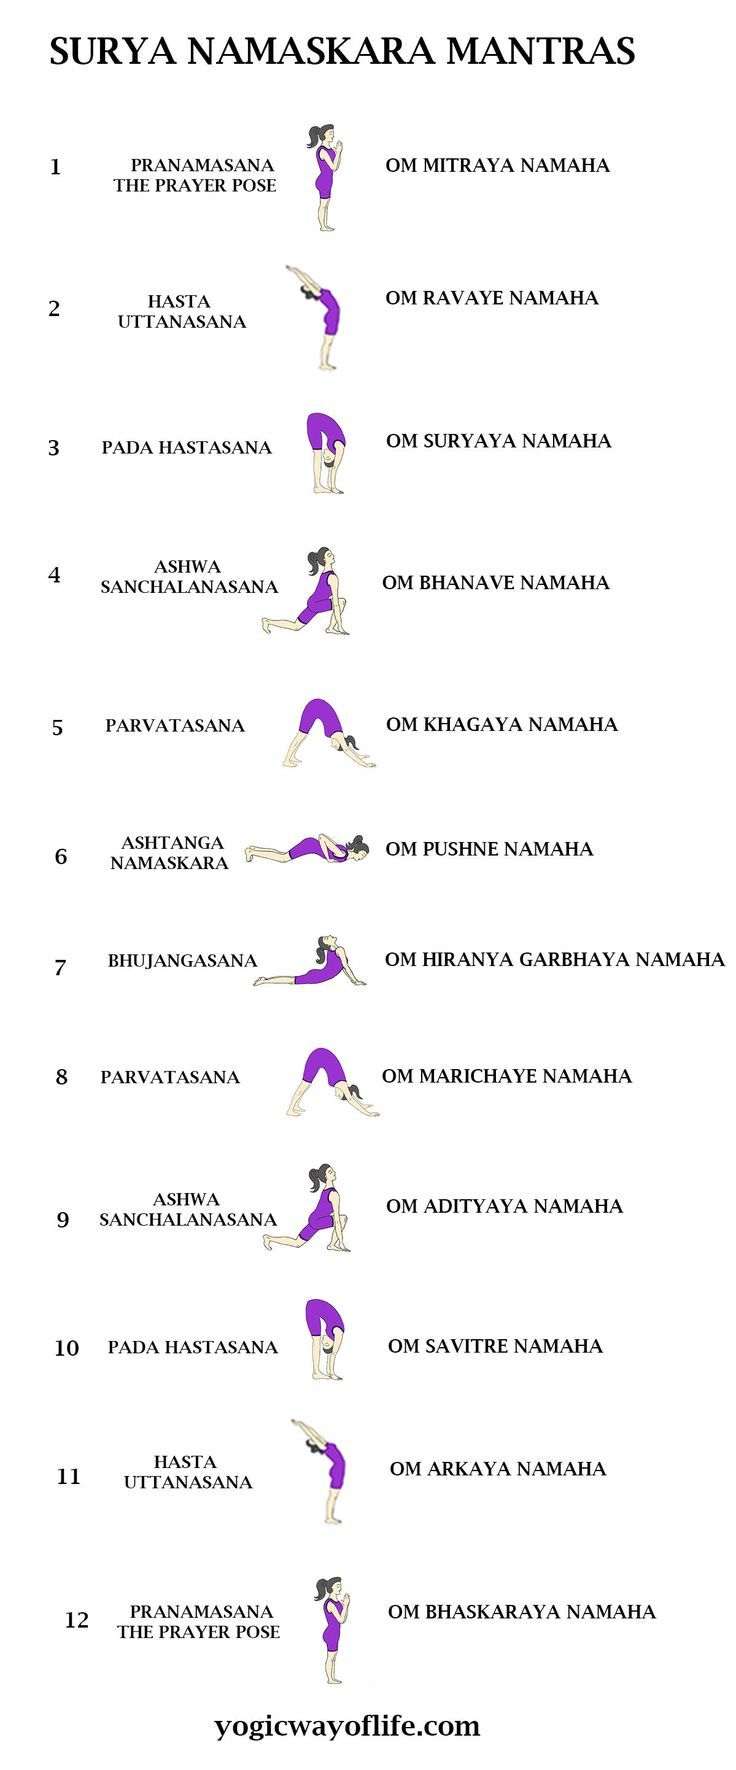 Surya namaskara, Yoga mantras, Yoga asanas